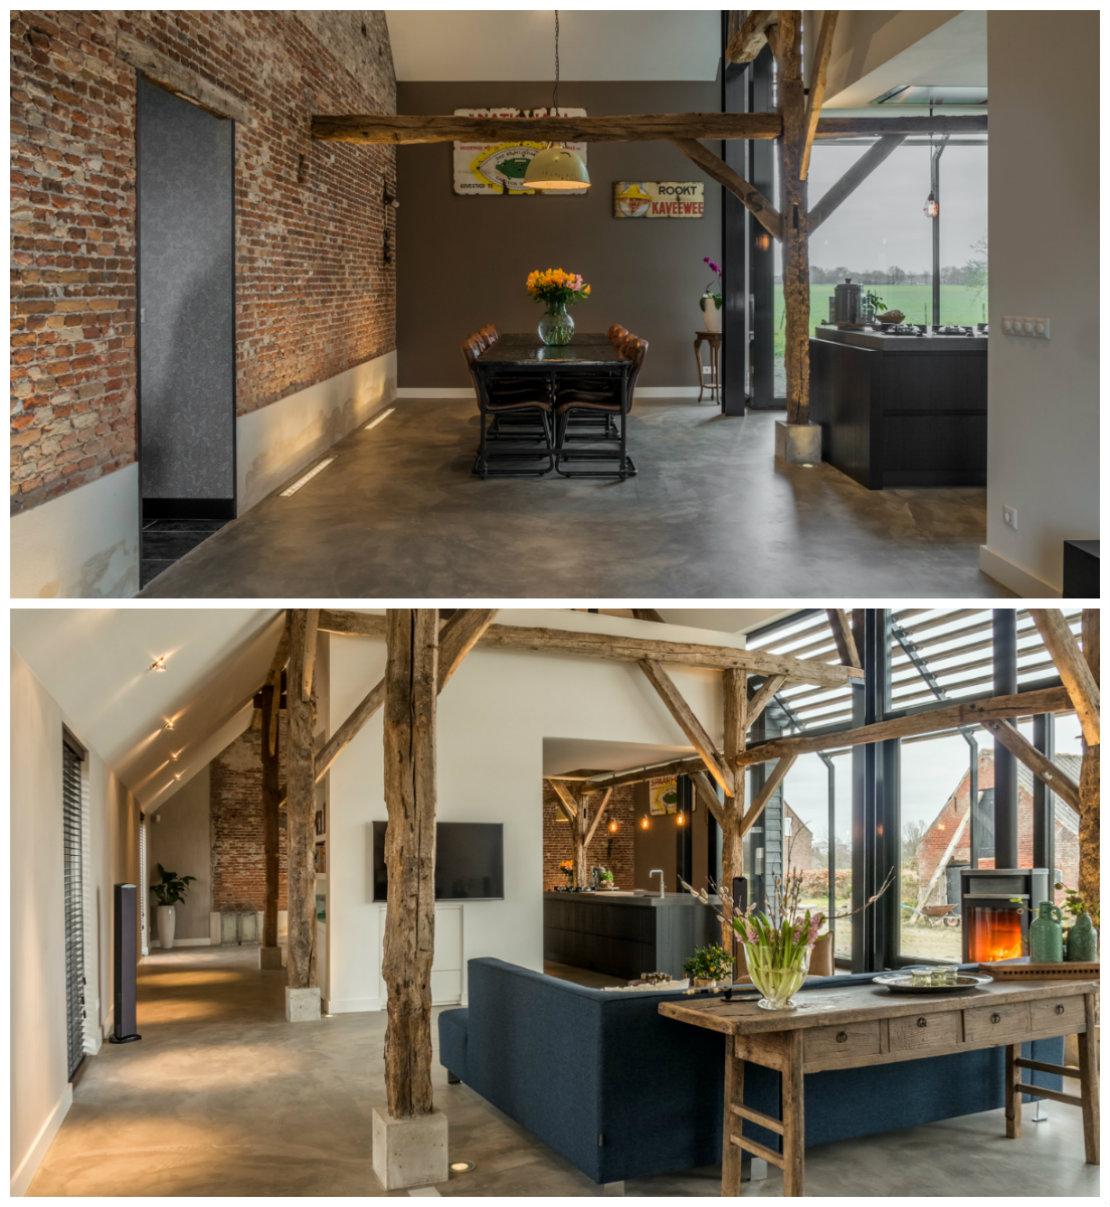 Casa renovada suelo y muebles